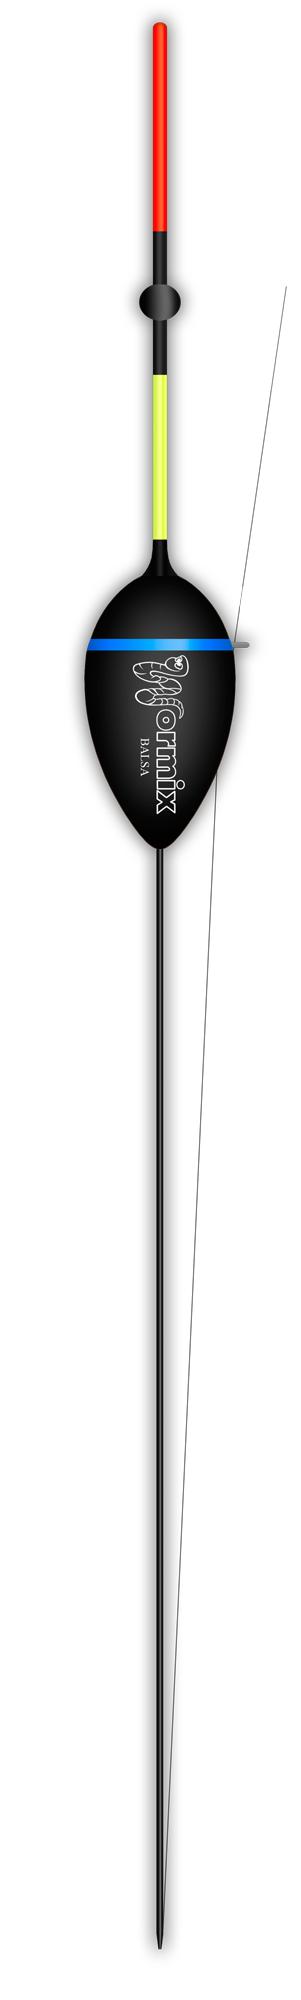 Поплавок Wormix 320 - 2.5 гр